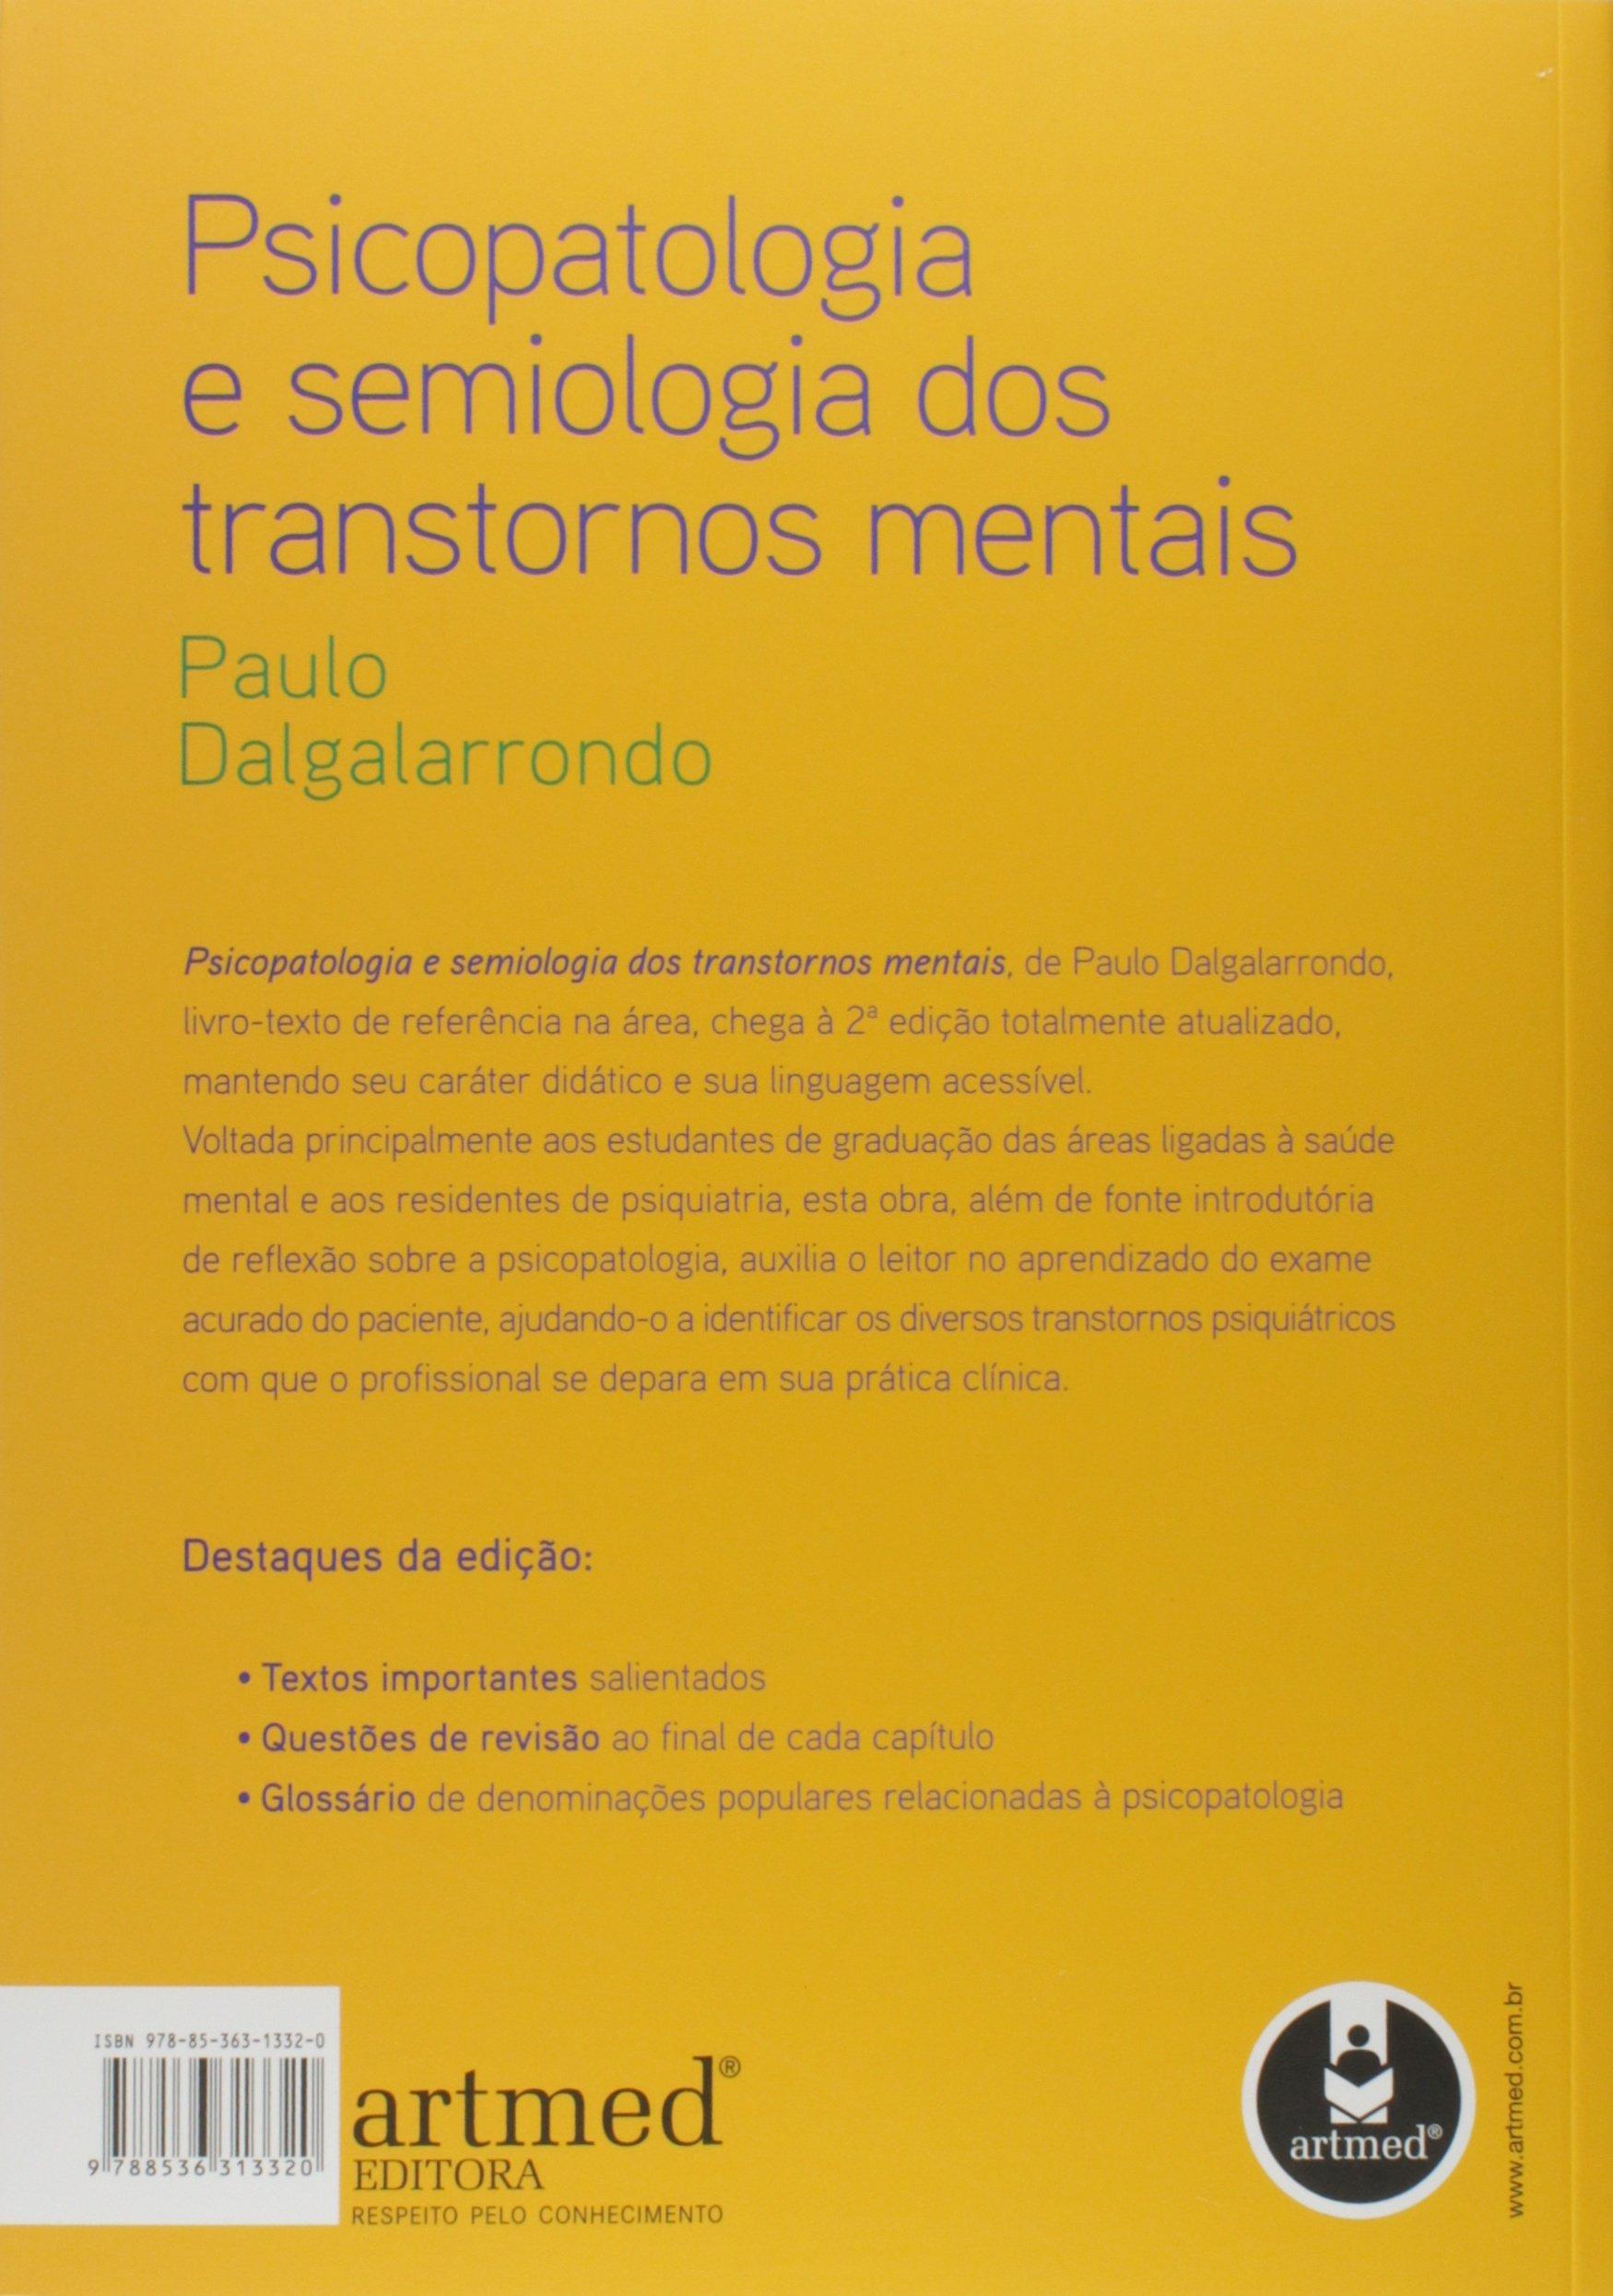 gratis o livro psicopatologia e semiologia dos transtornos mentais